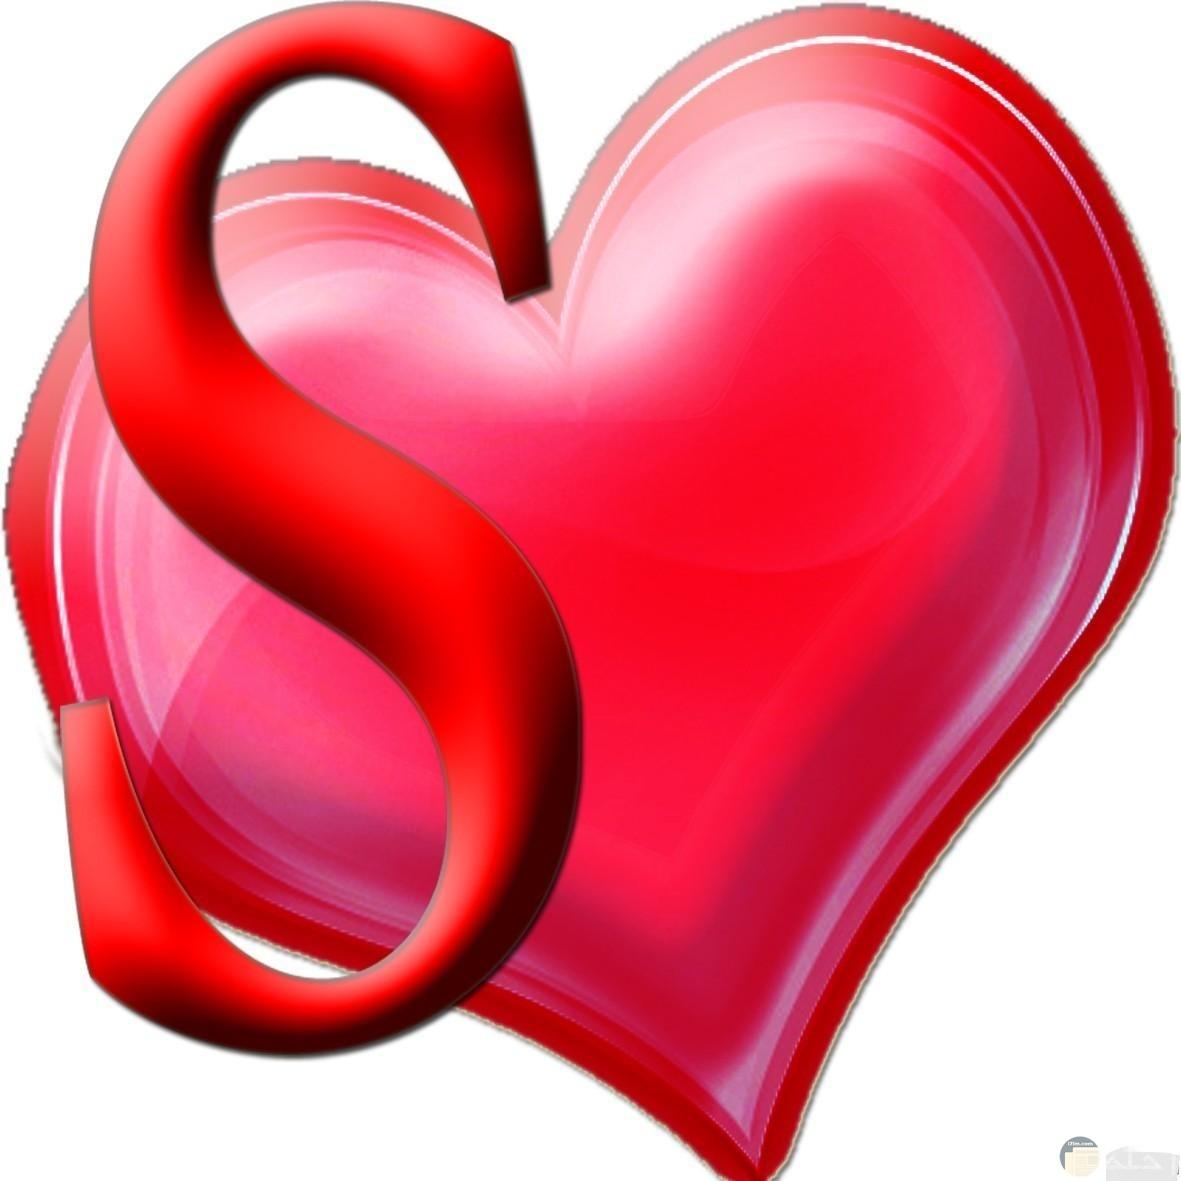 القلب و حرف s.